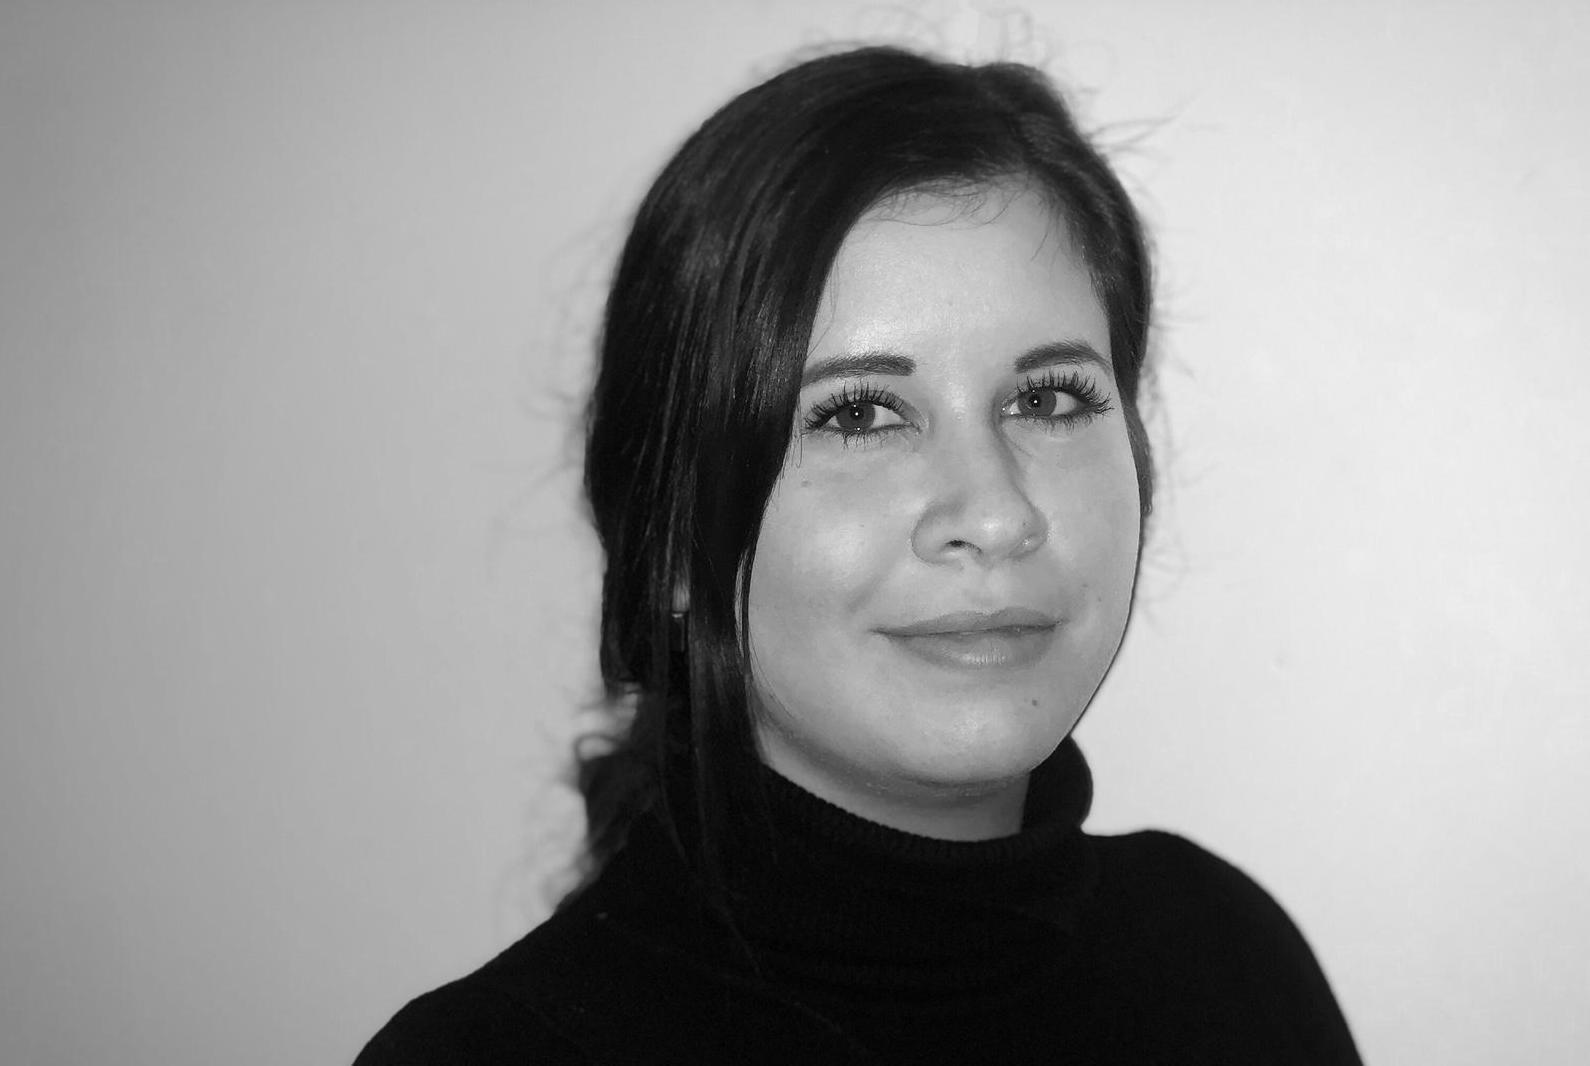 Lisanne Wiesbrock